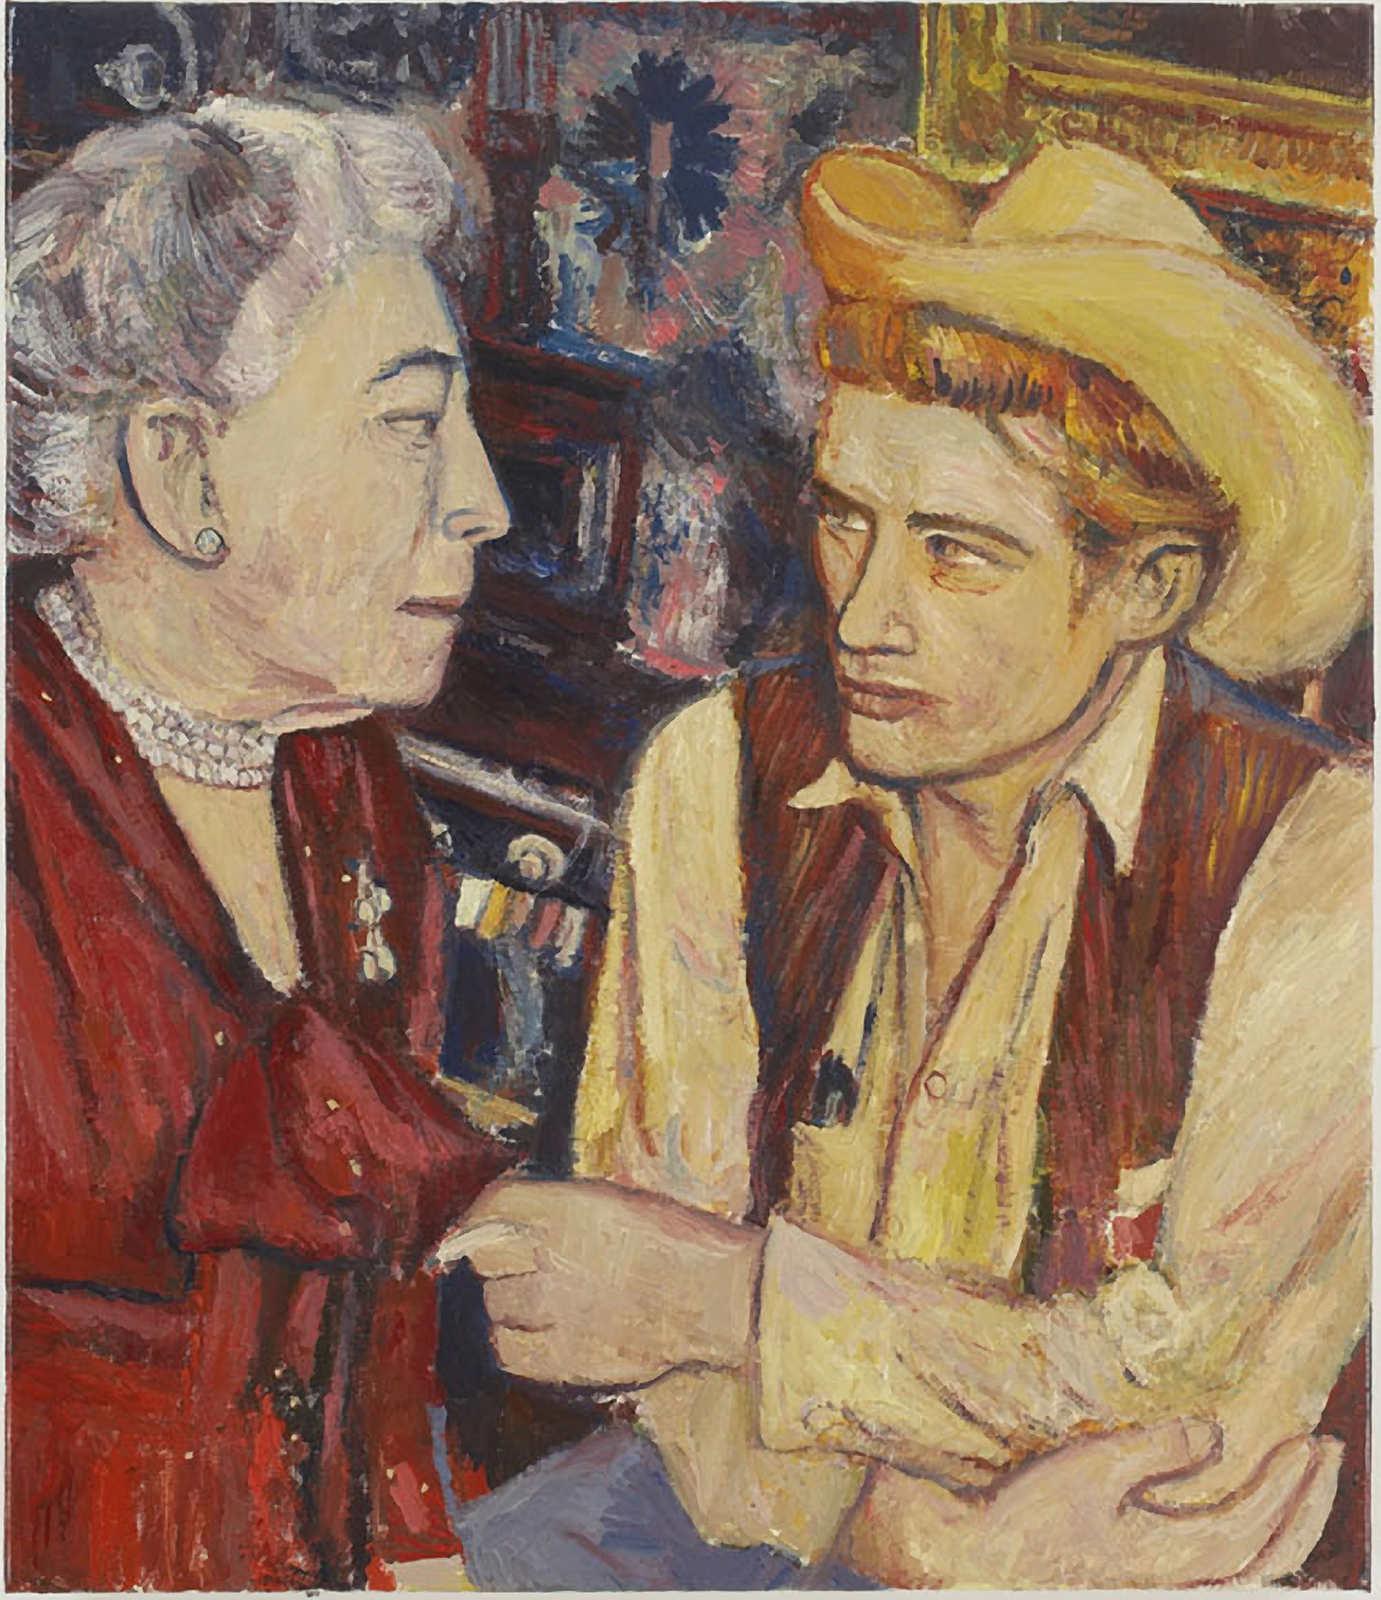 Edna Ferber and James Dean